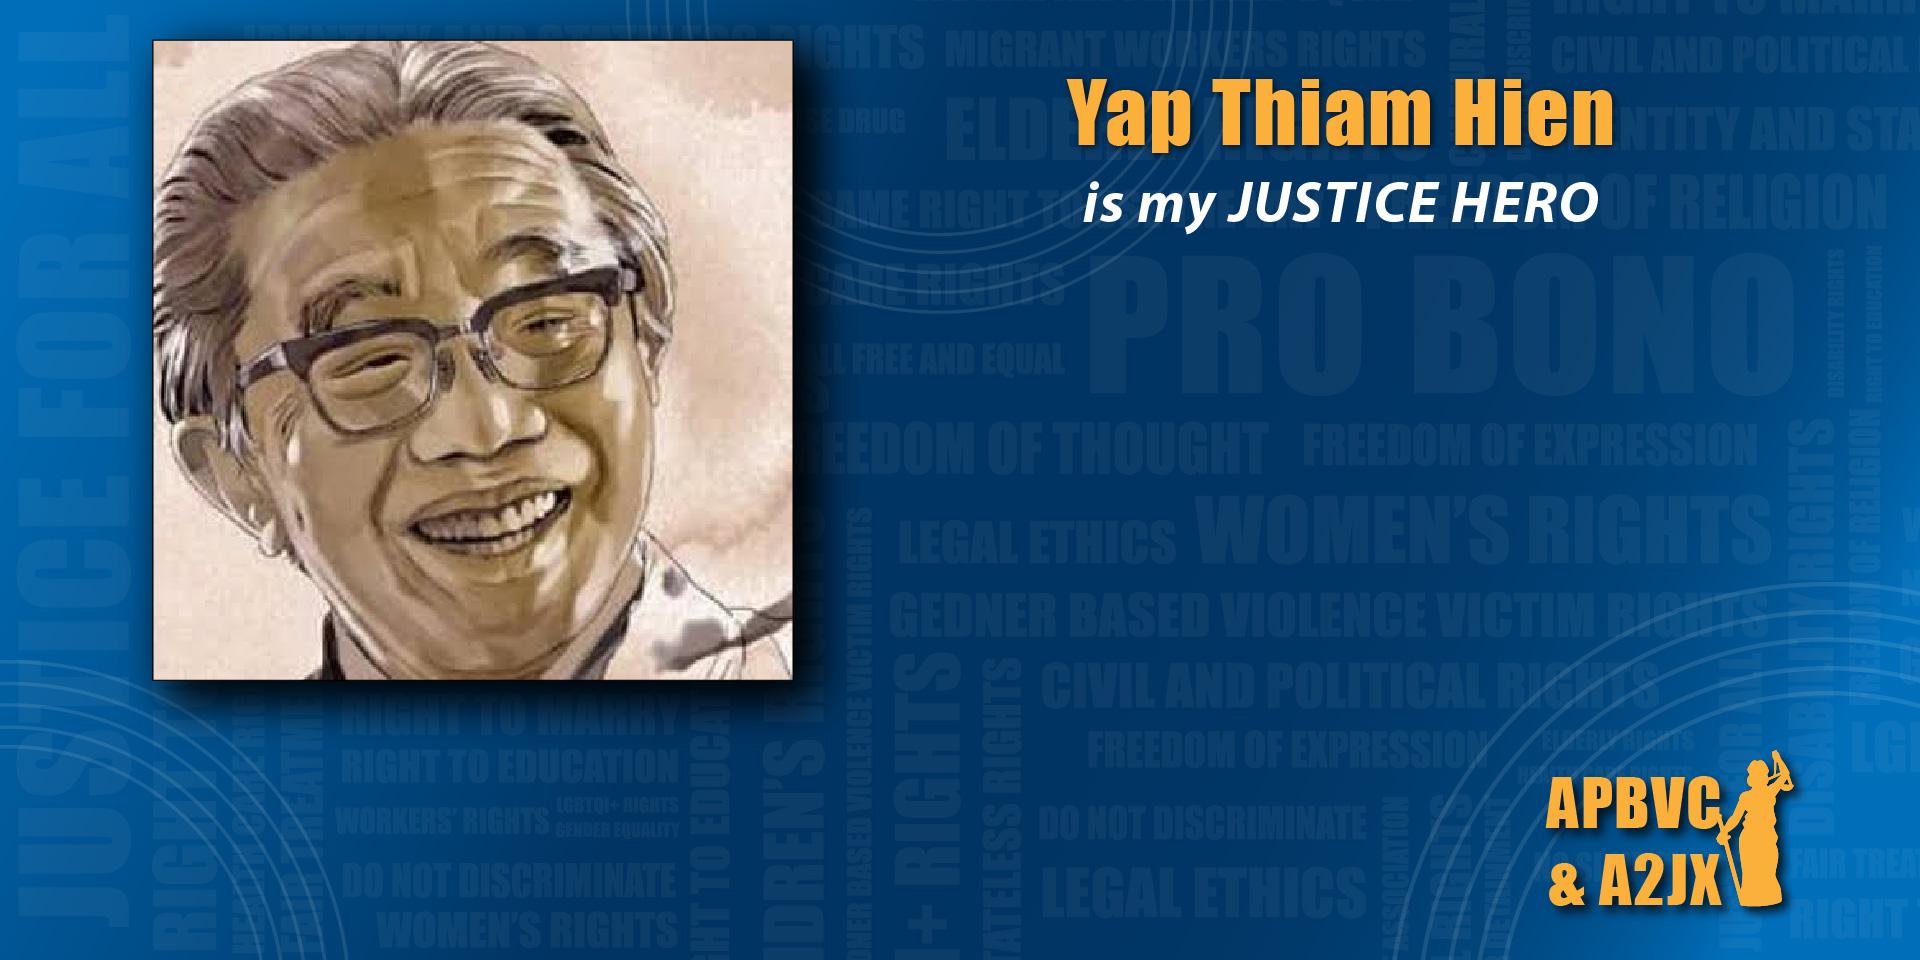 Yap Thiam Hien